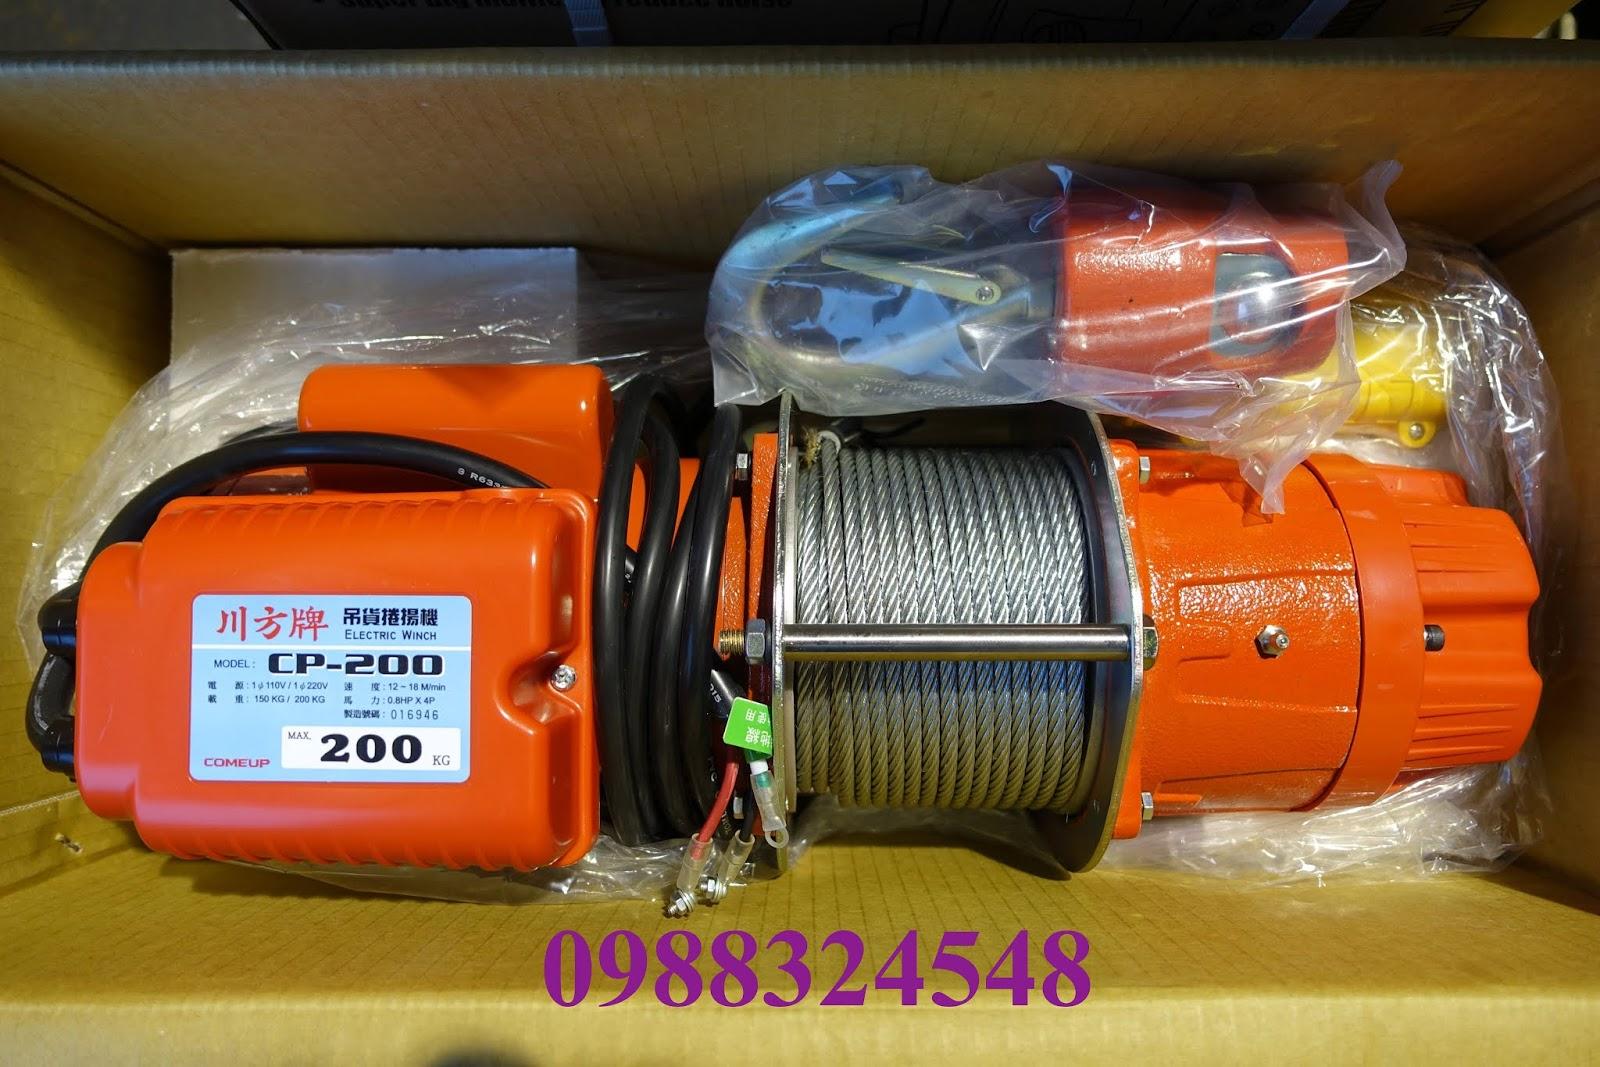 Tời cáp điện Comeup CP200